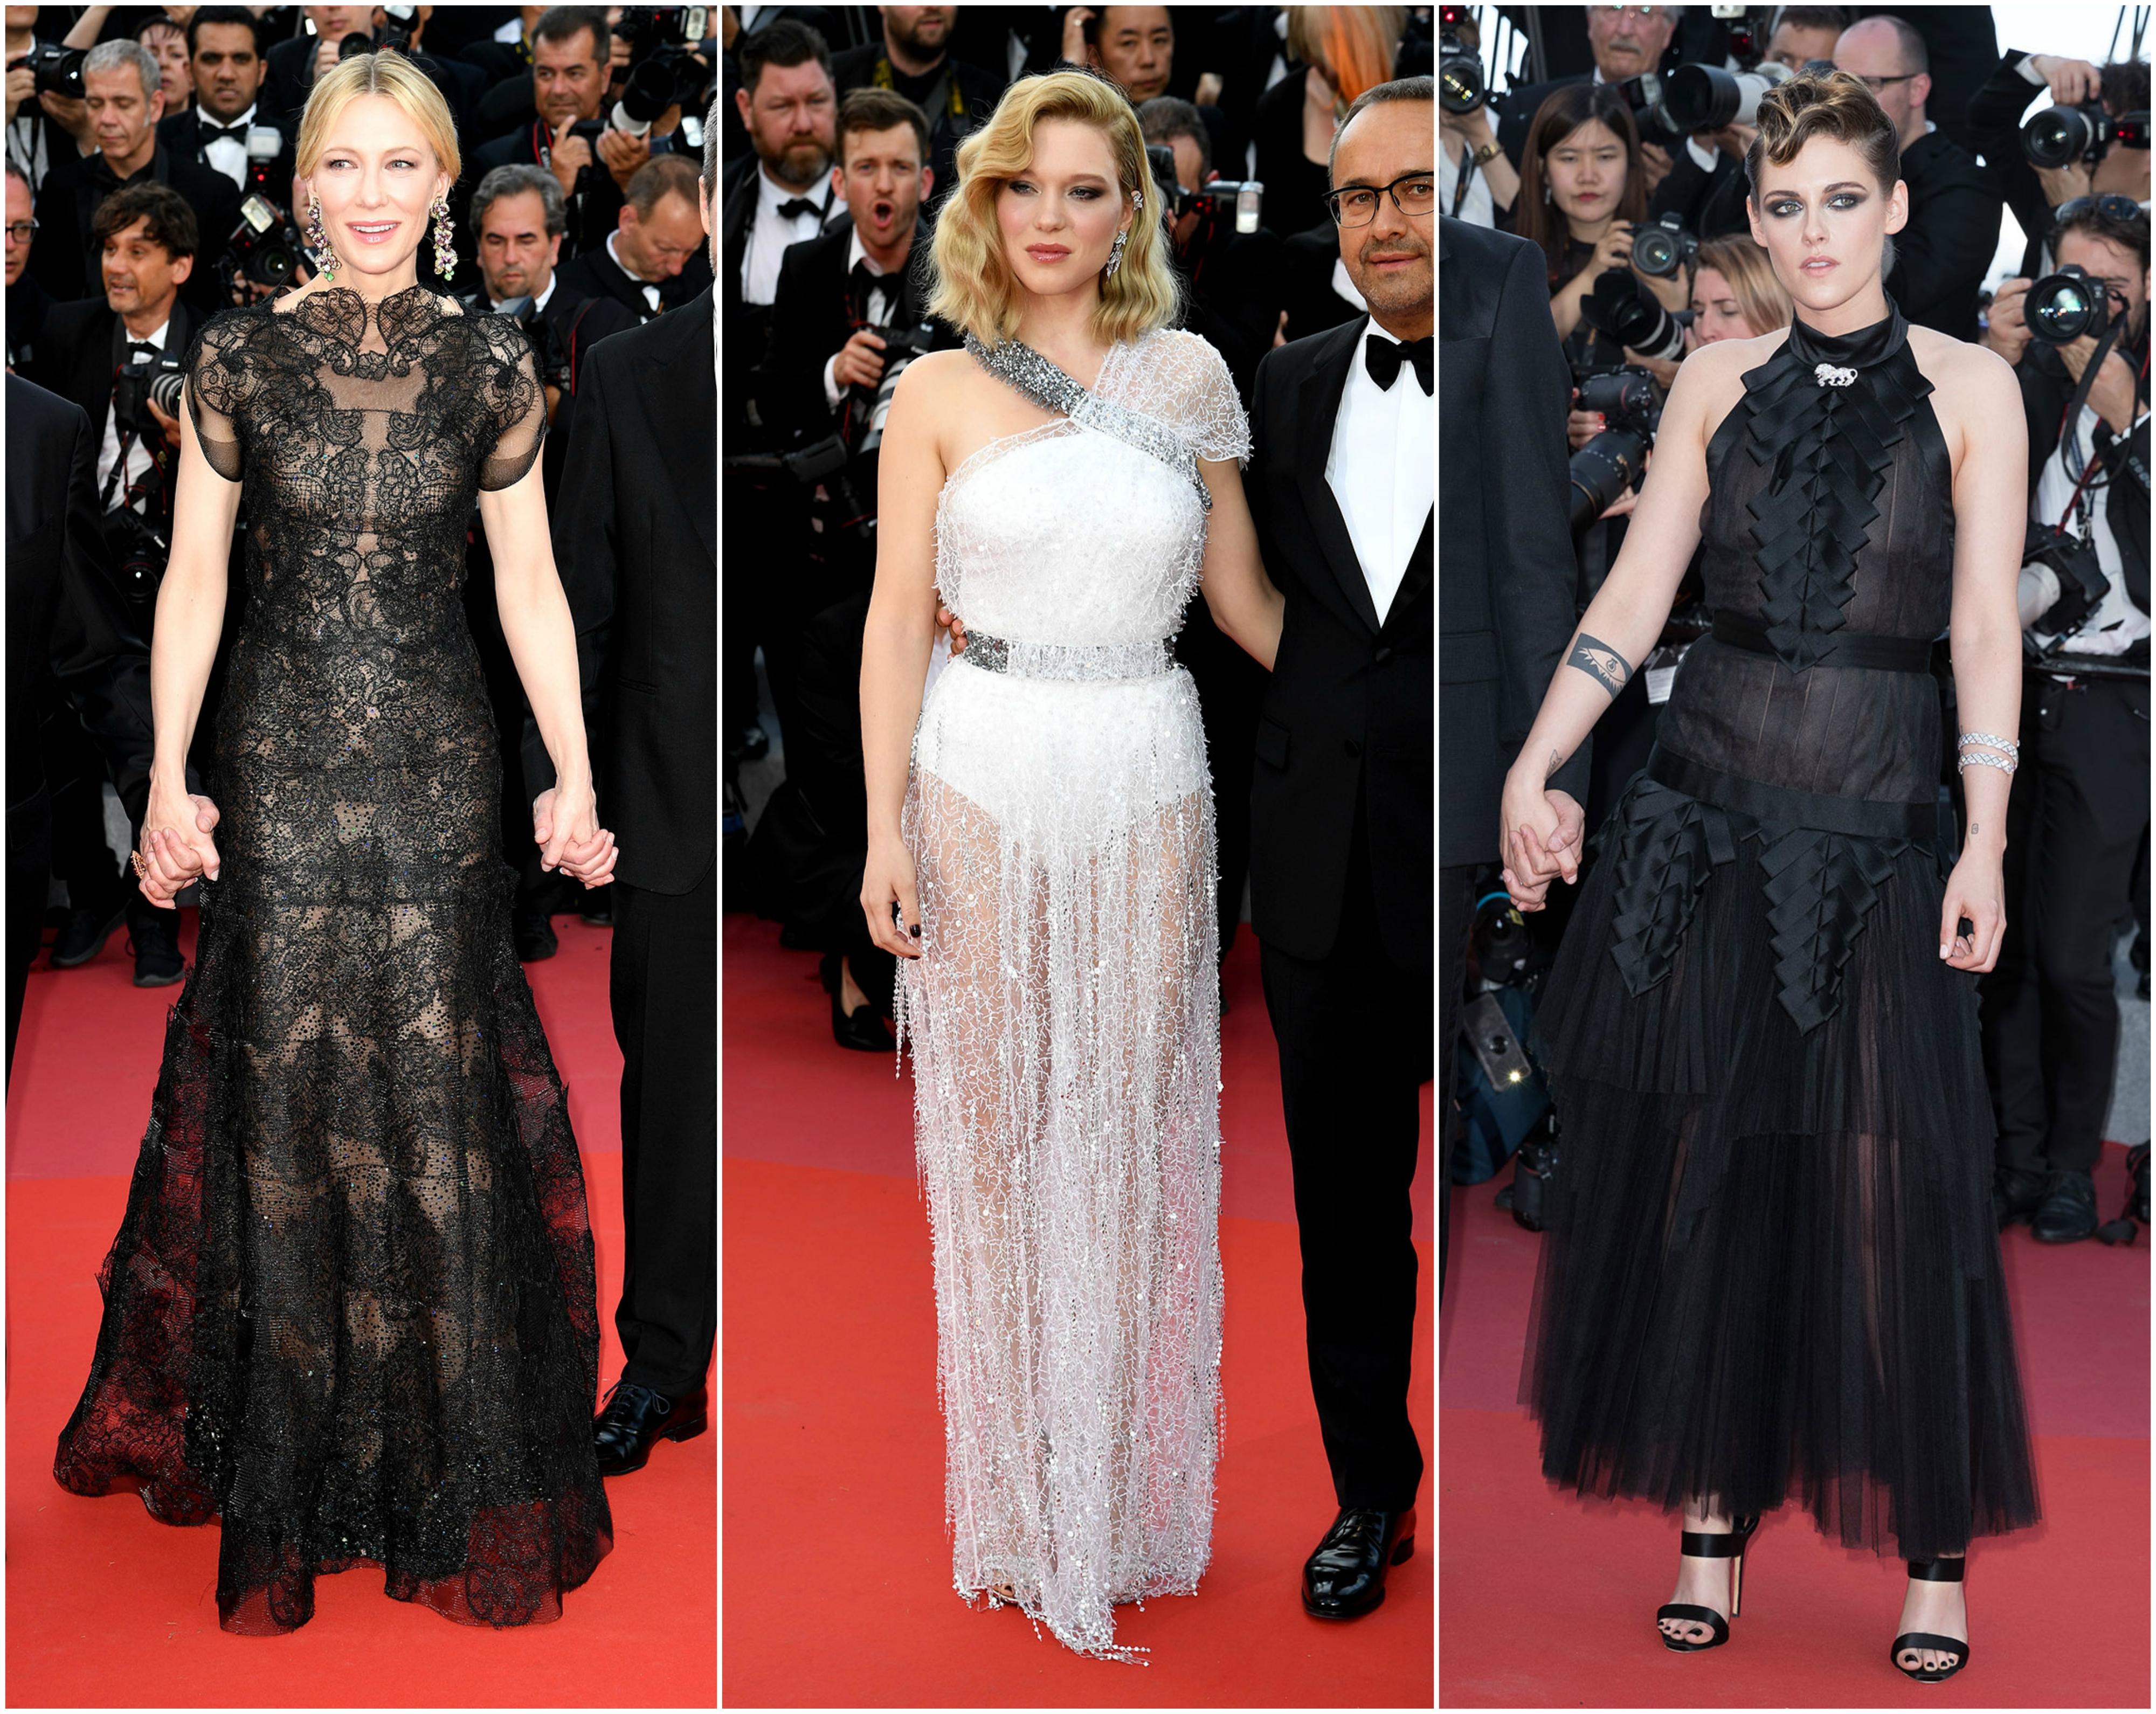 Cannes 2018. Aquí están los primeros lookazos de la alfombra roja - image collage2-cannes-vanidad on https://www.vanidad.es